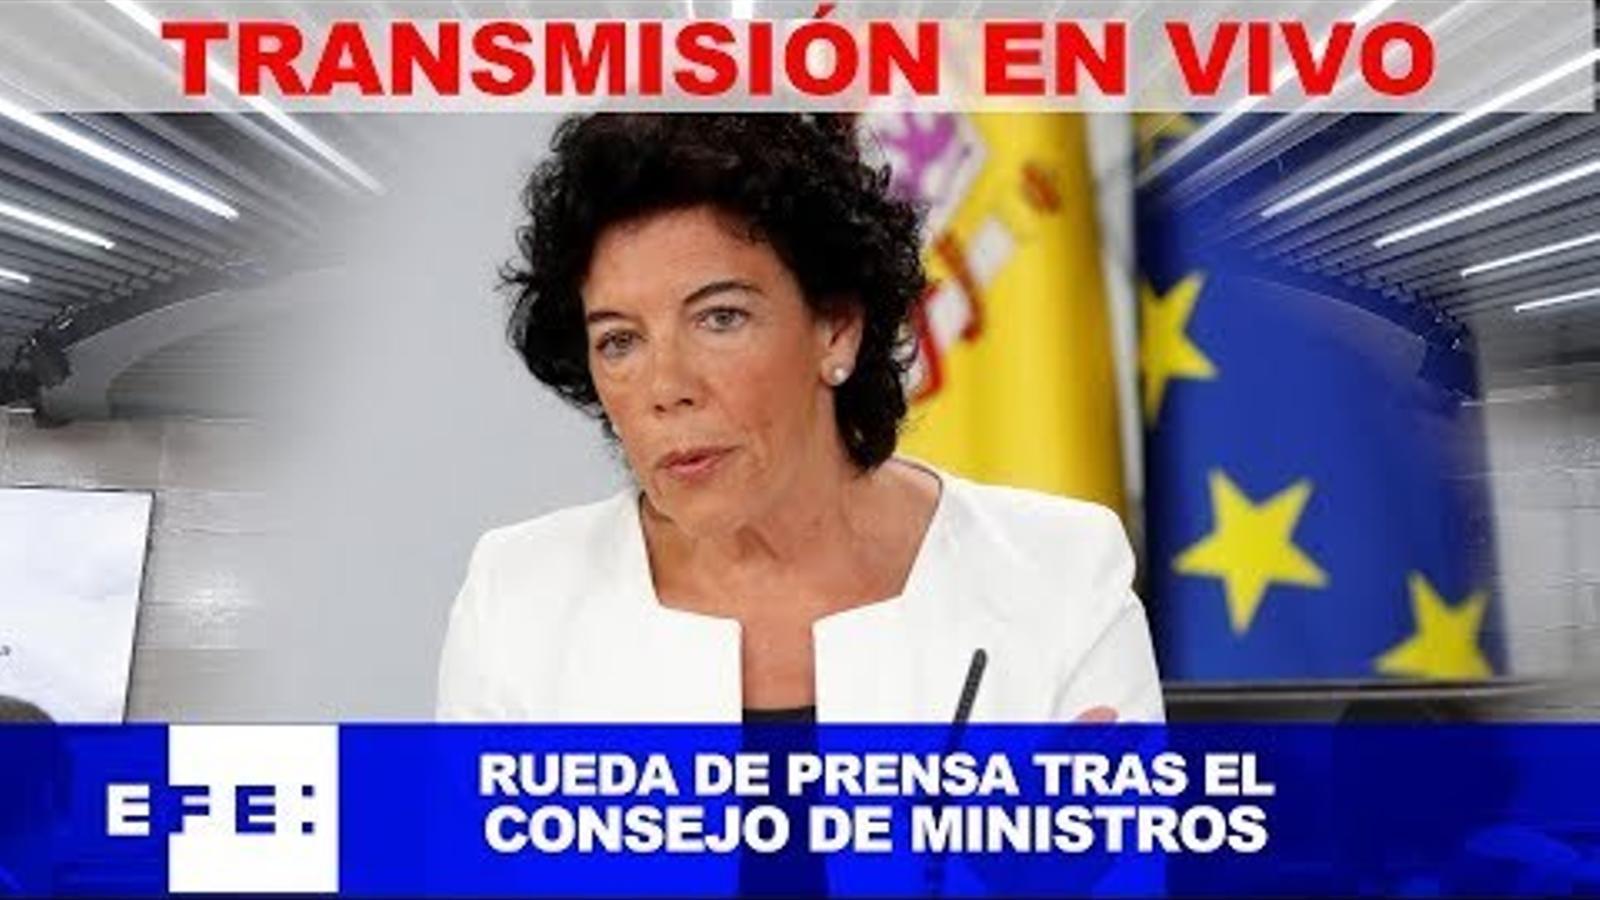 EN DIRECTE: La Moncloa rebutja incloure ministres i consellers a la reunió Sánchez-Torra proposada per al 21-D